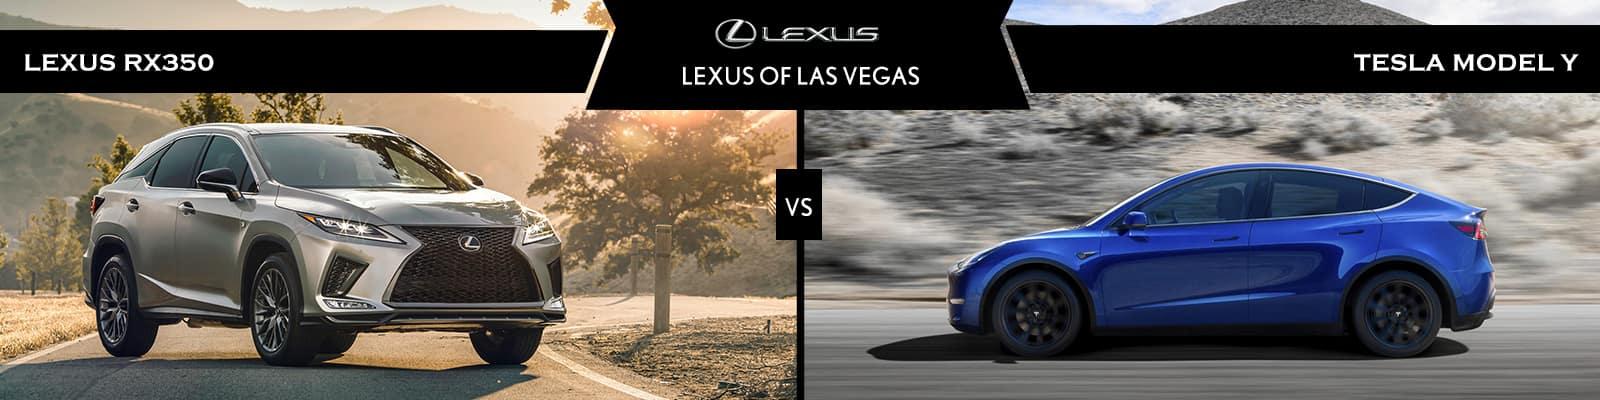 Lexus RX 350 vs Tesla Model Y